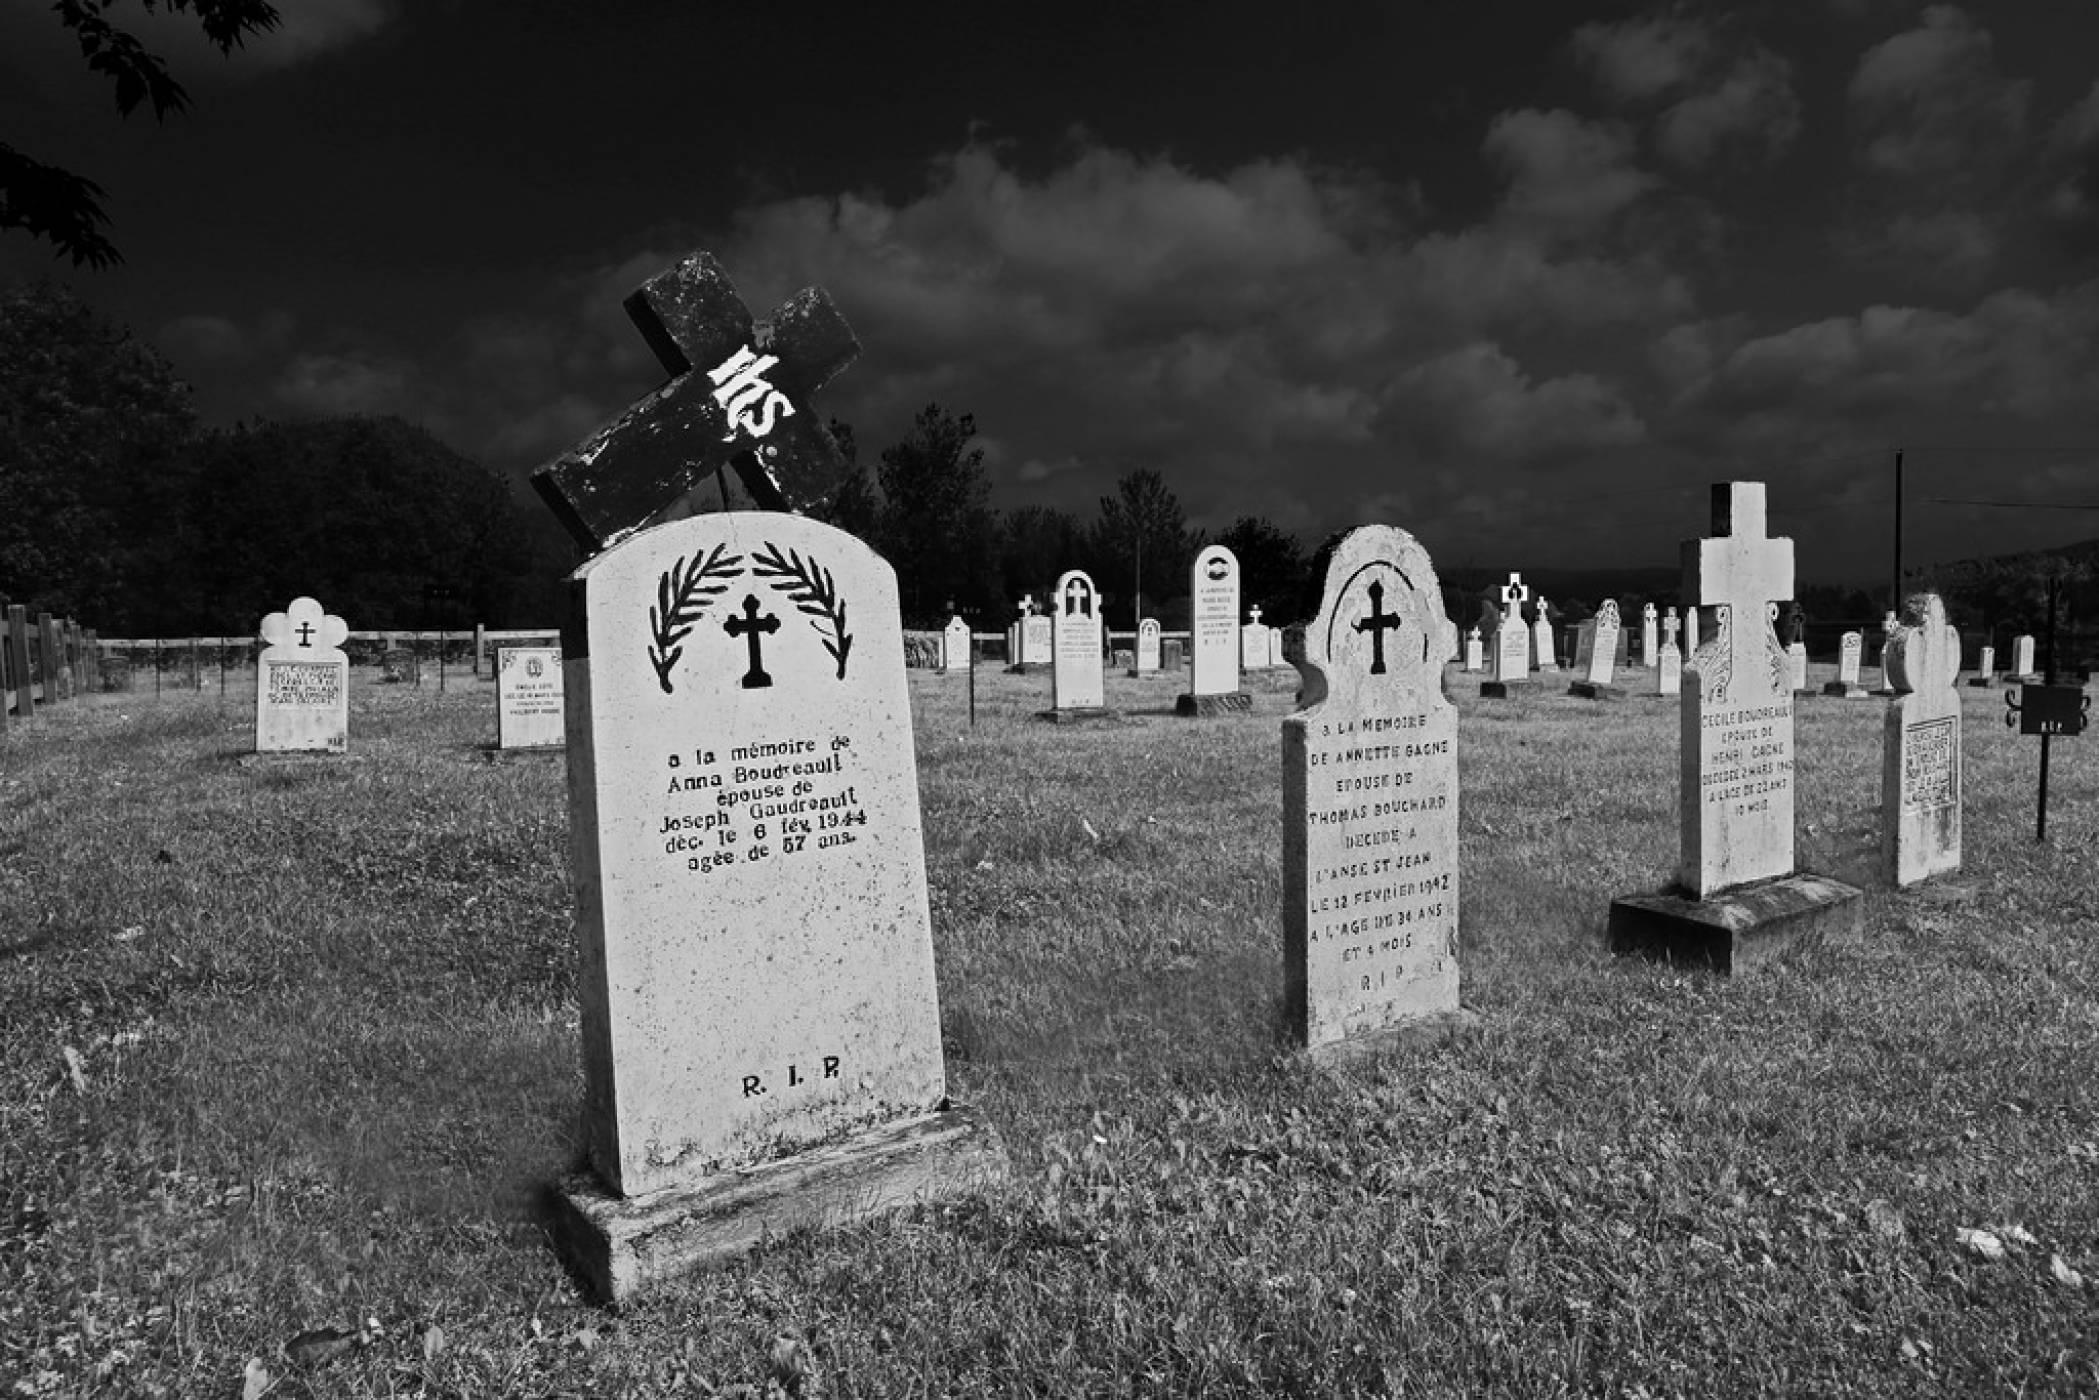 Смъртта не е краят и тези запазени човешки функции го доказват